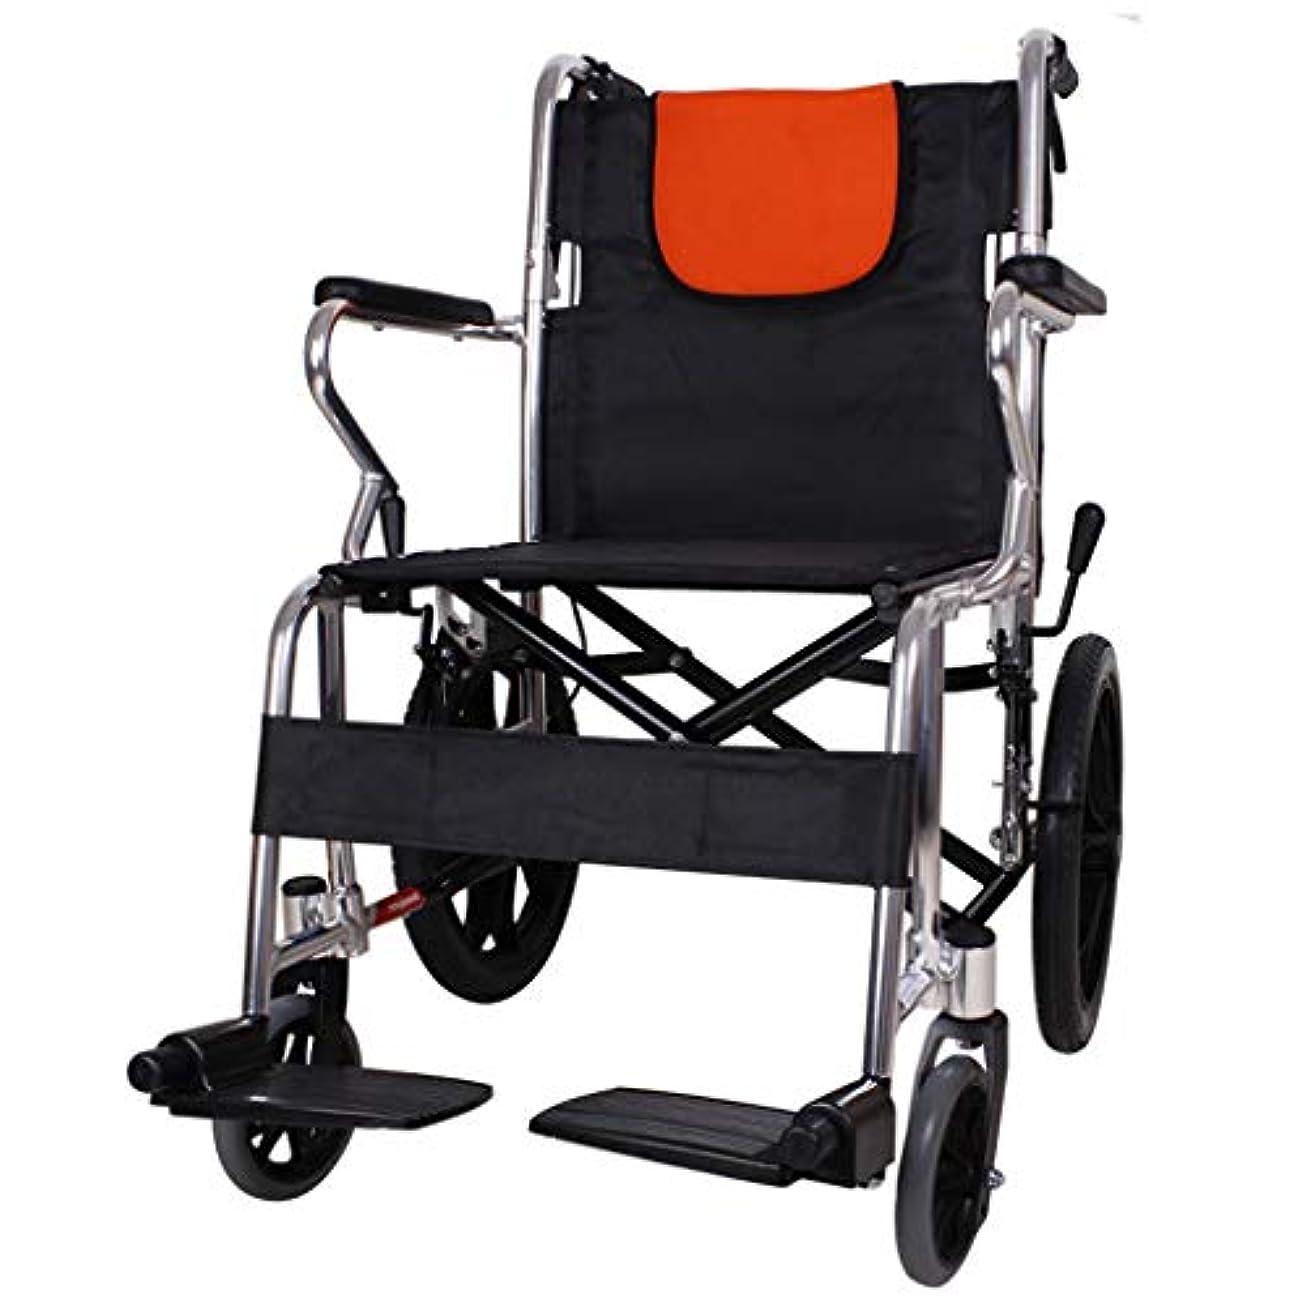 耐久法廷所得ハンドプッシュ車椅子、折りたたみ式、手動プッシュ式歩行装置、成人および障害者用アルミニウム旅行スクーターに適しています